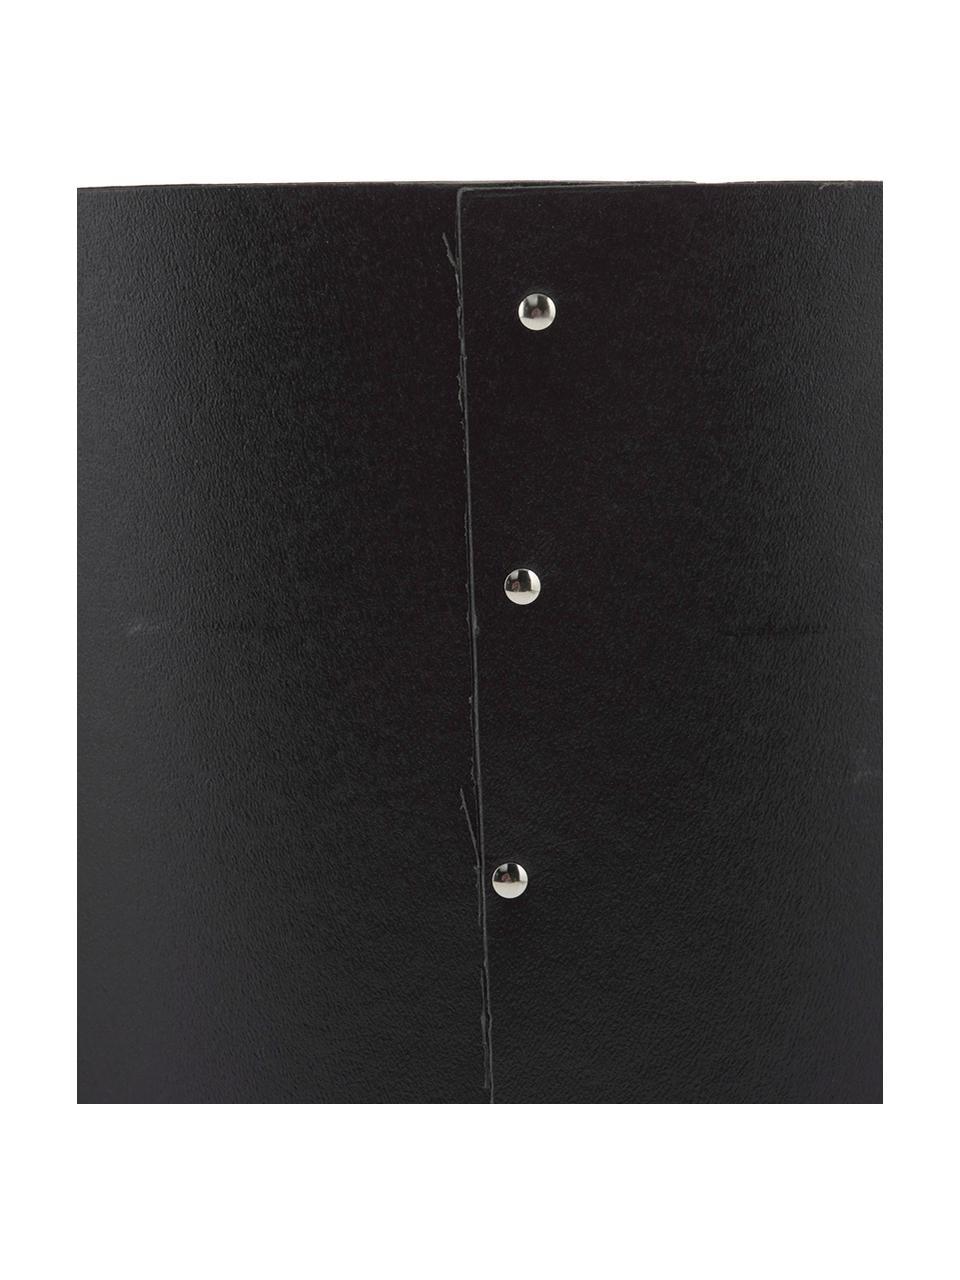 Kosz na śmieci Aries, Tektura laminowana, Czarny, odcienie srebrnego, Ø 27 x W 35 cm